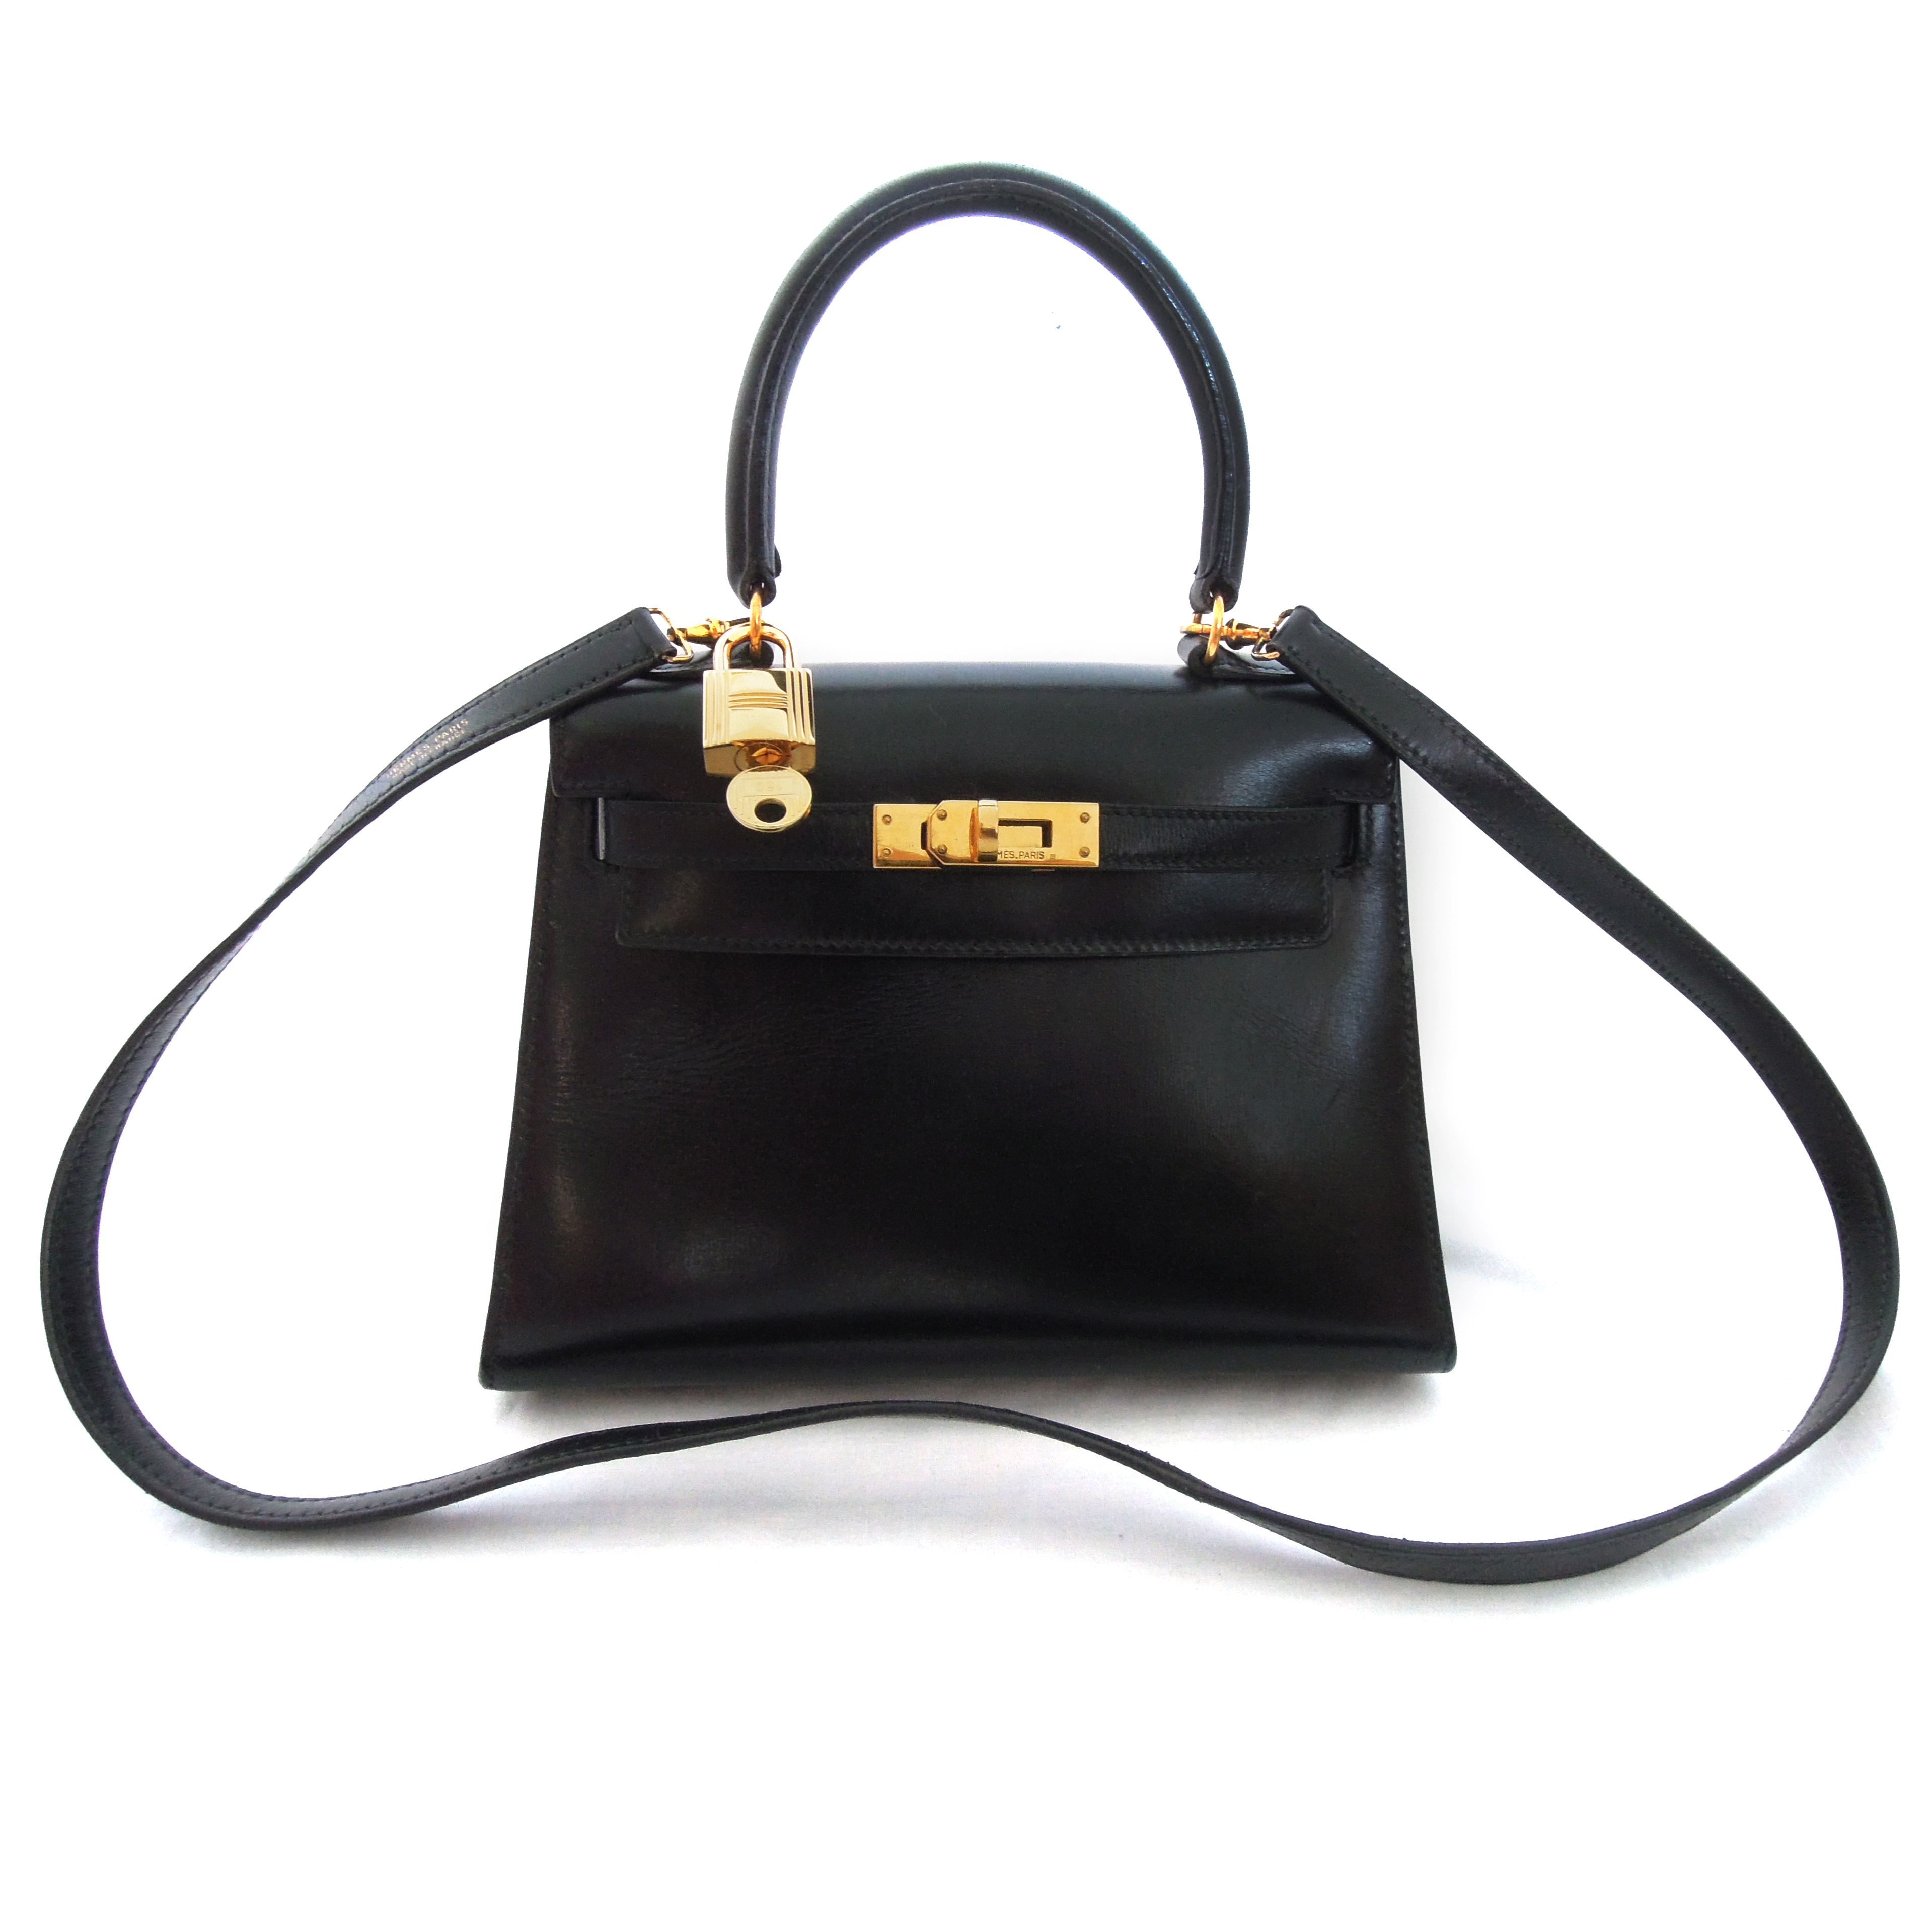 b85bb5ee048e0 Hermes Kelly Bag 20cm